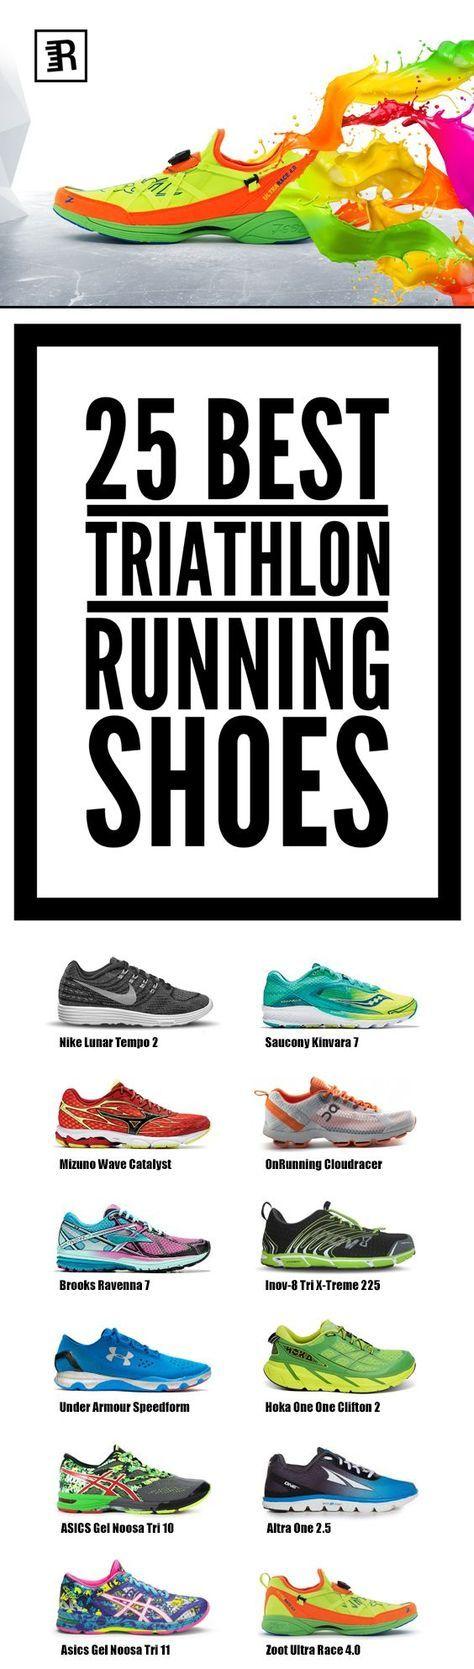 En iyi triatlon koşu ayakkabıları